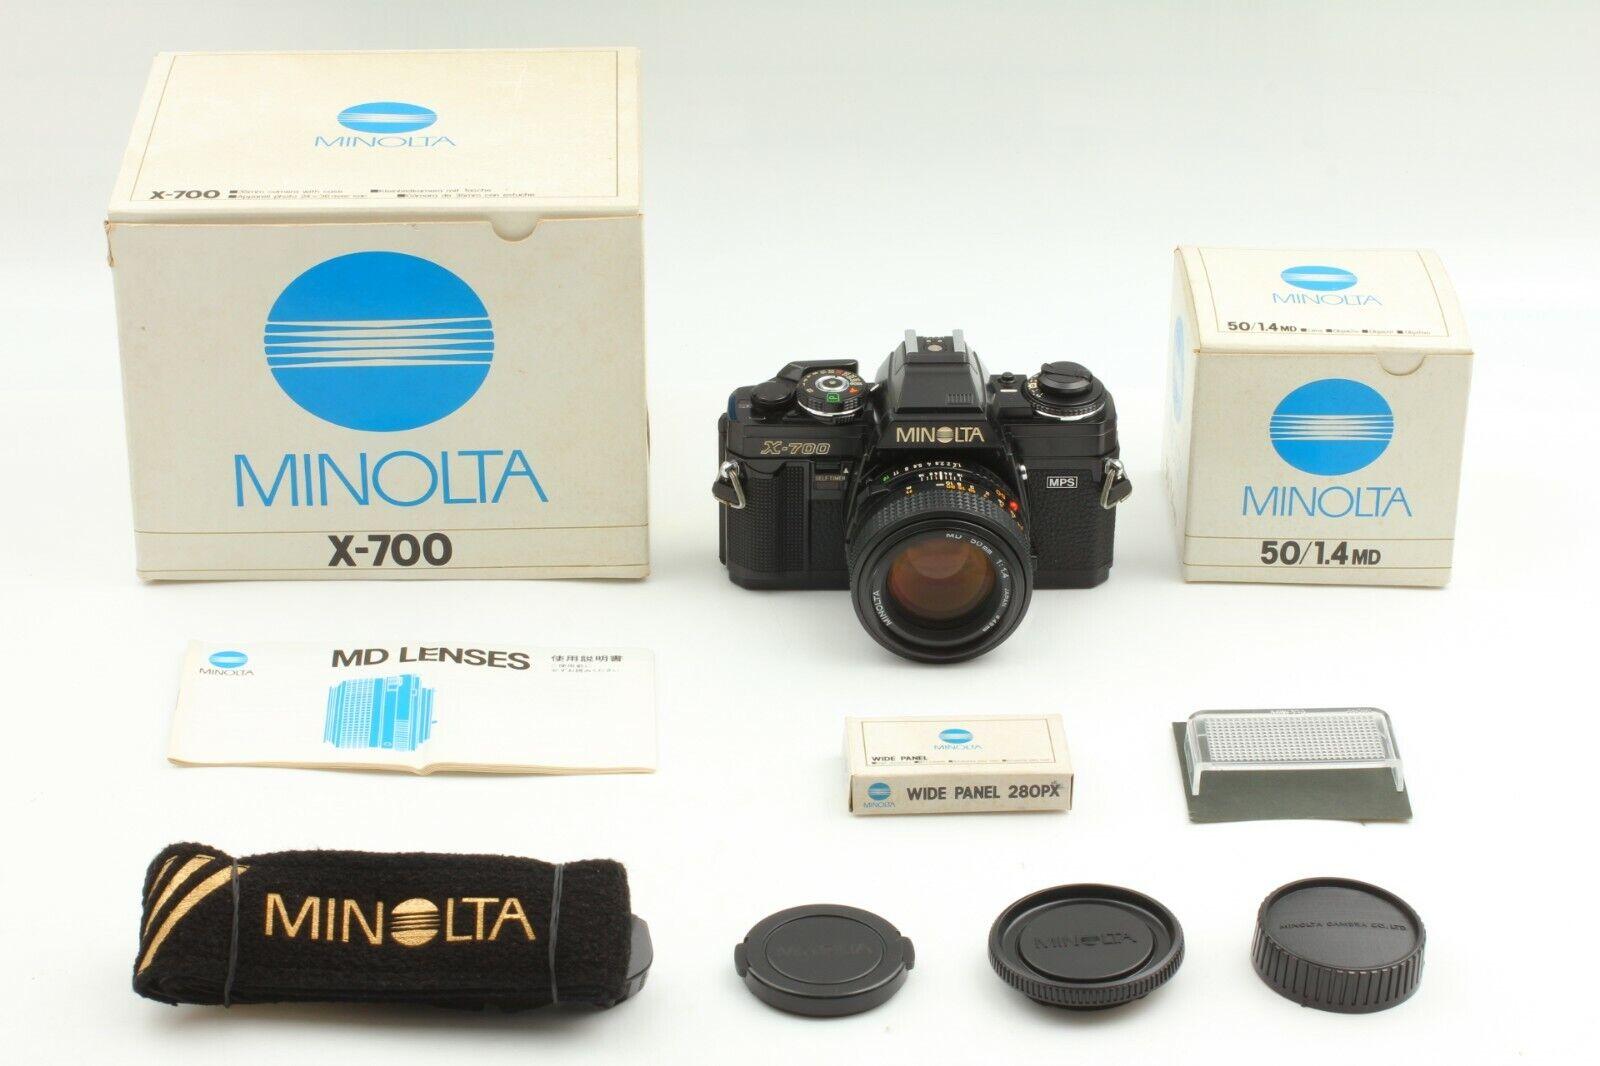 { A. Mint W / Box } Minolta Neu X-700 35mm Film Kamera + Late Md 50mm F/1.4